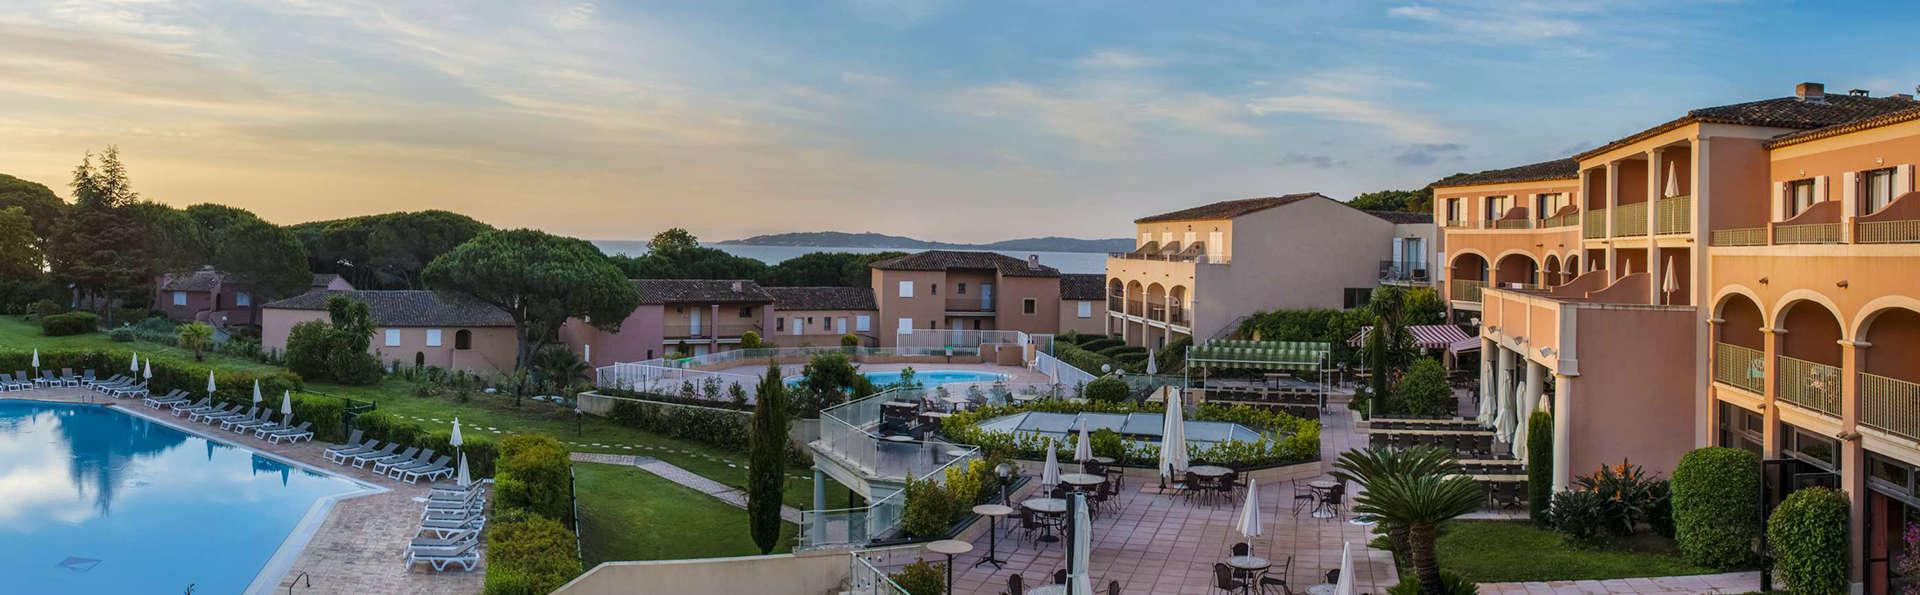 Hôtel Les Jardins De Sainte-Maxime 3* - Sainte-Maxime, France serapportantà Hotel Les Jardins De Sainte Maxime